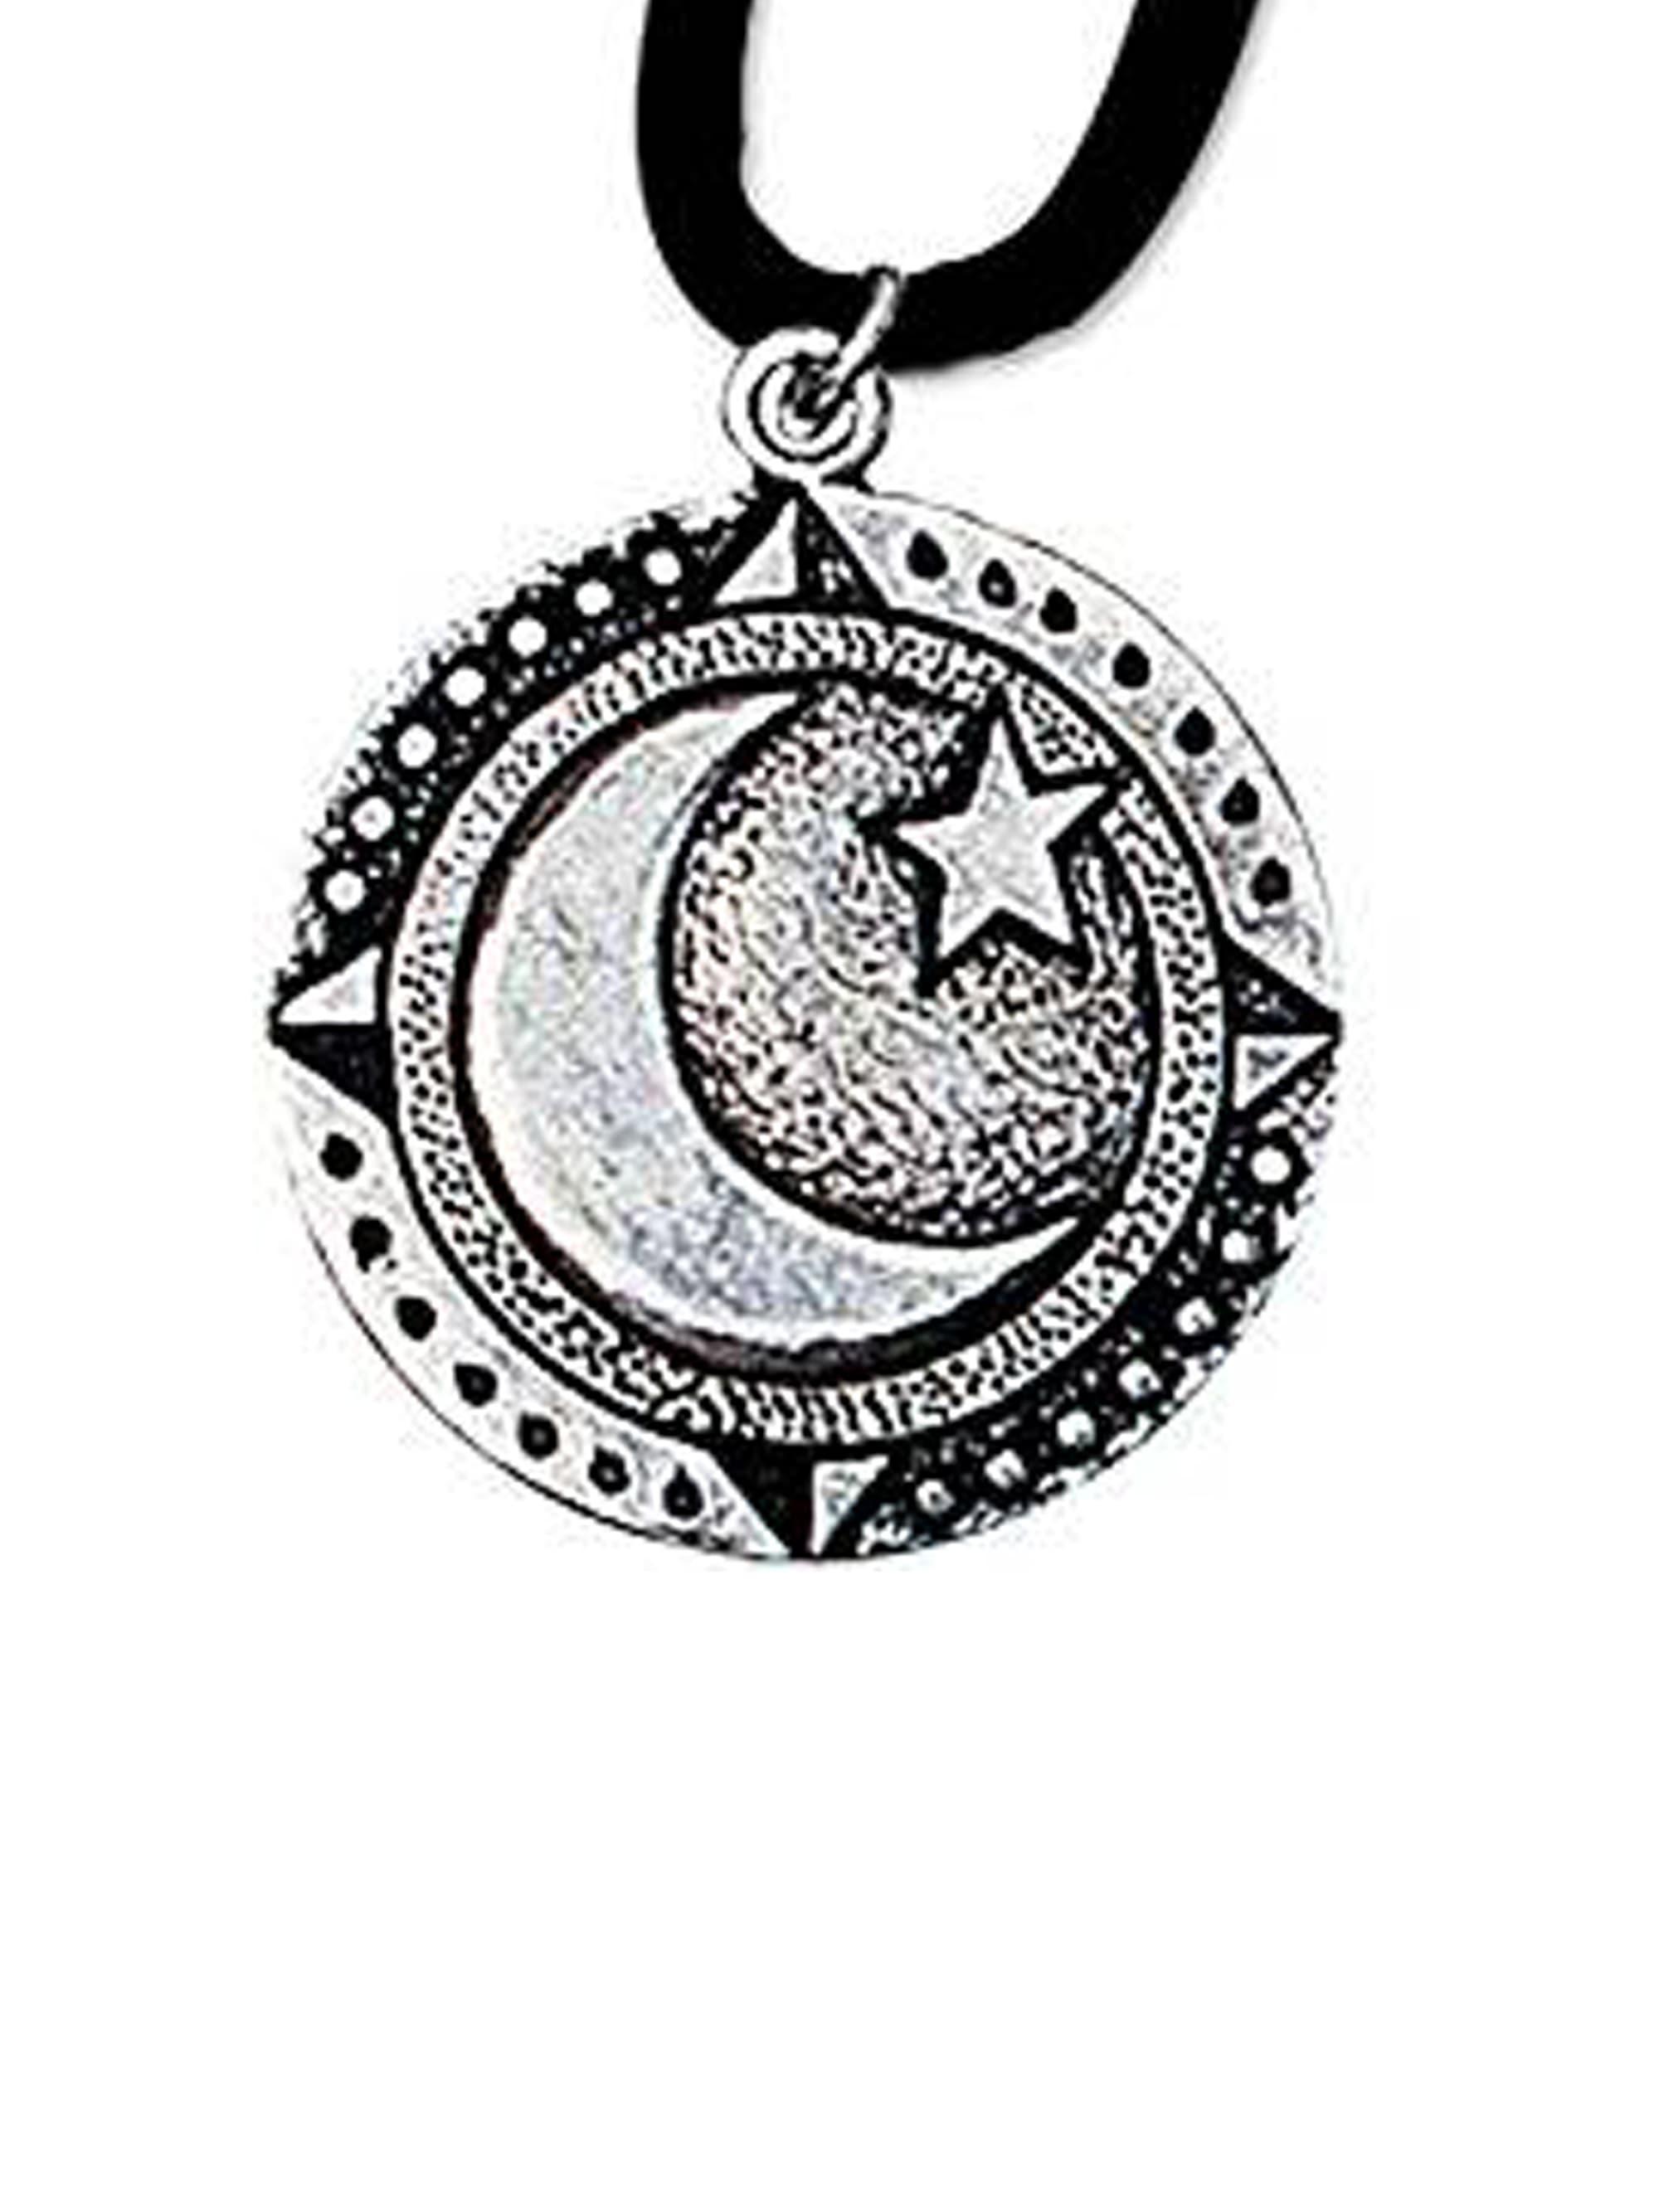 1001 Diamonds Anhänger Amulett Talisman Heulsaf Y Gaeaf - 10. Dez - 31. Dez N0yTj